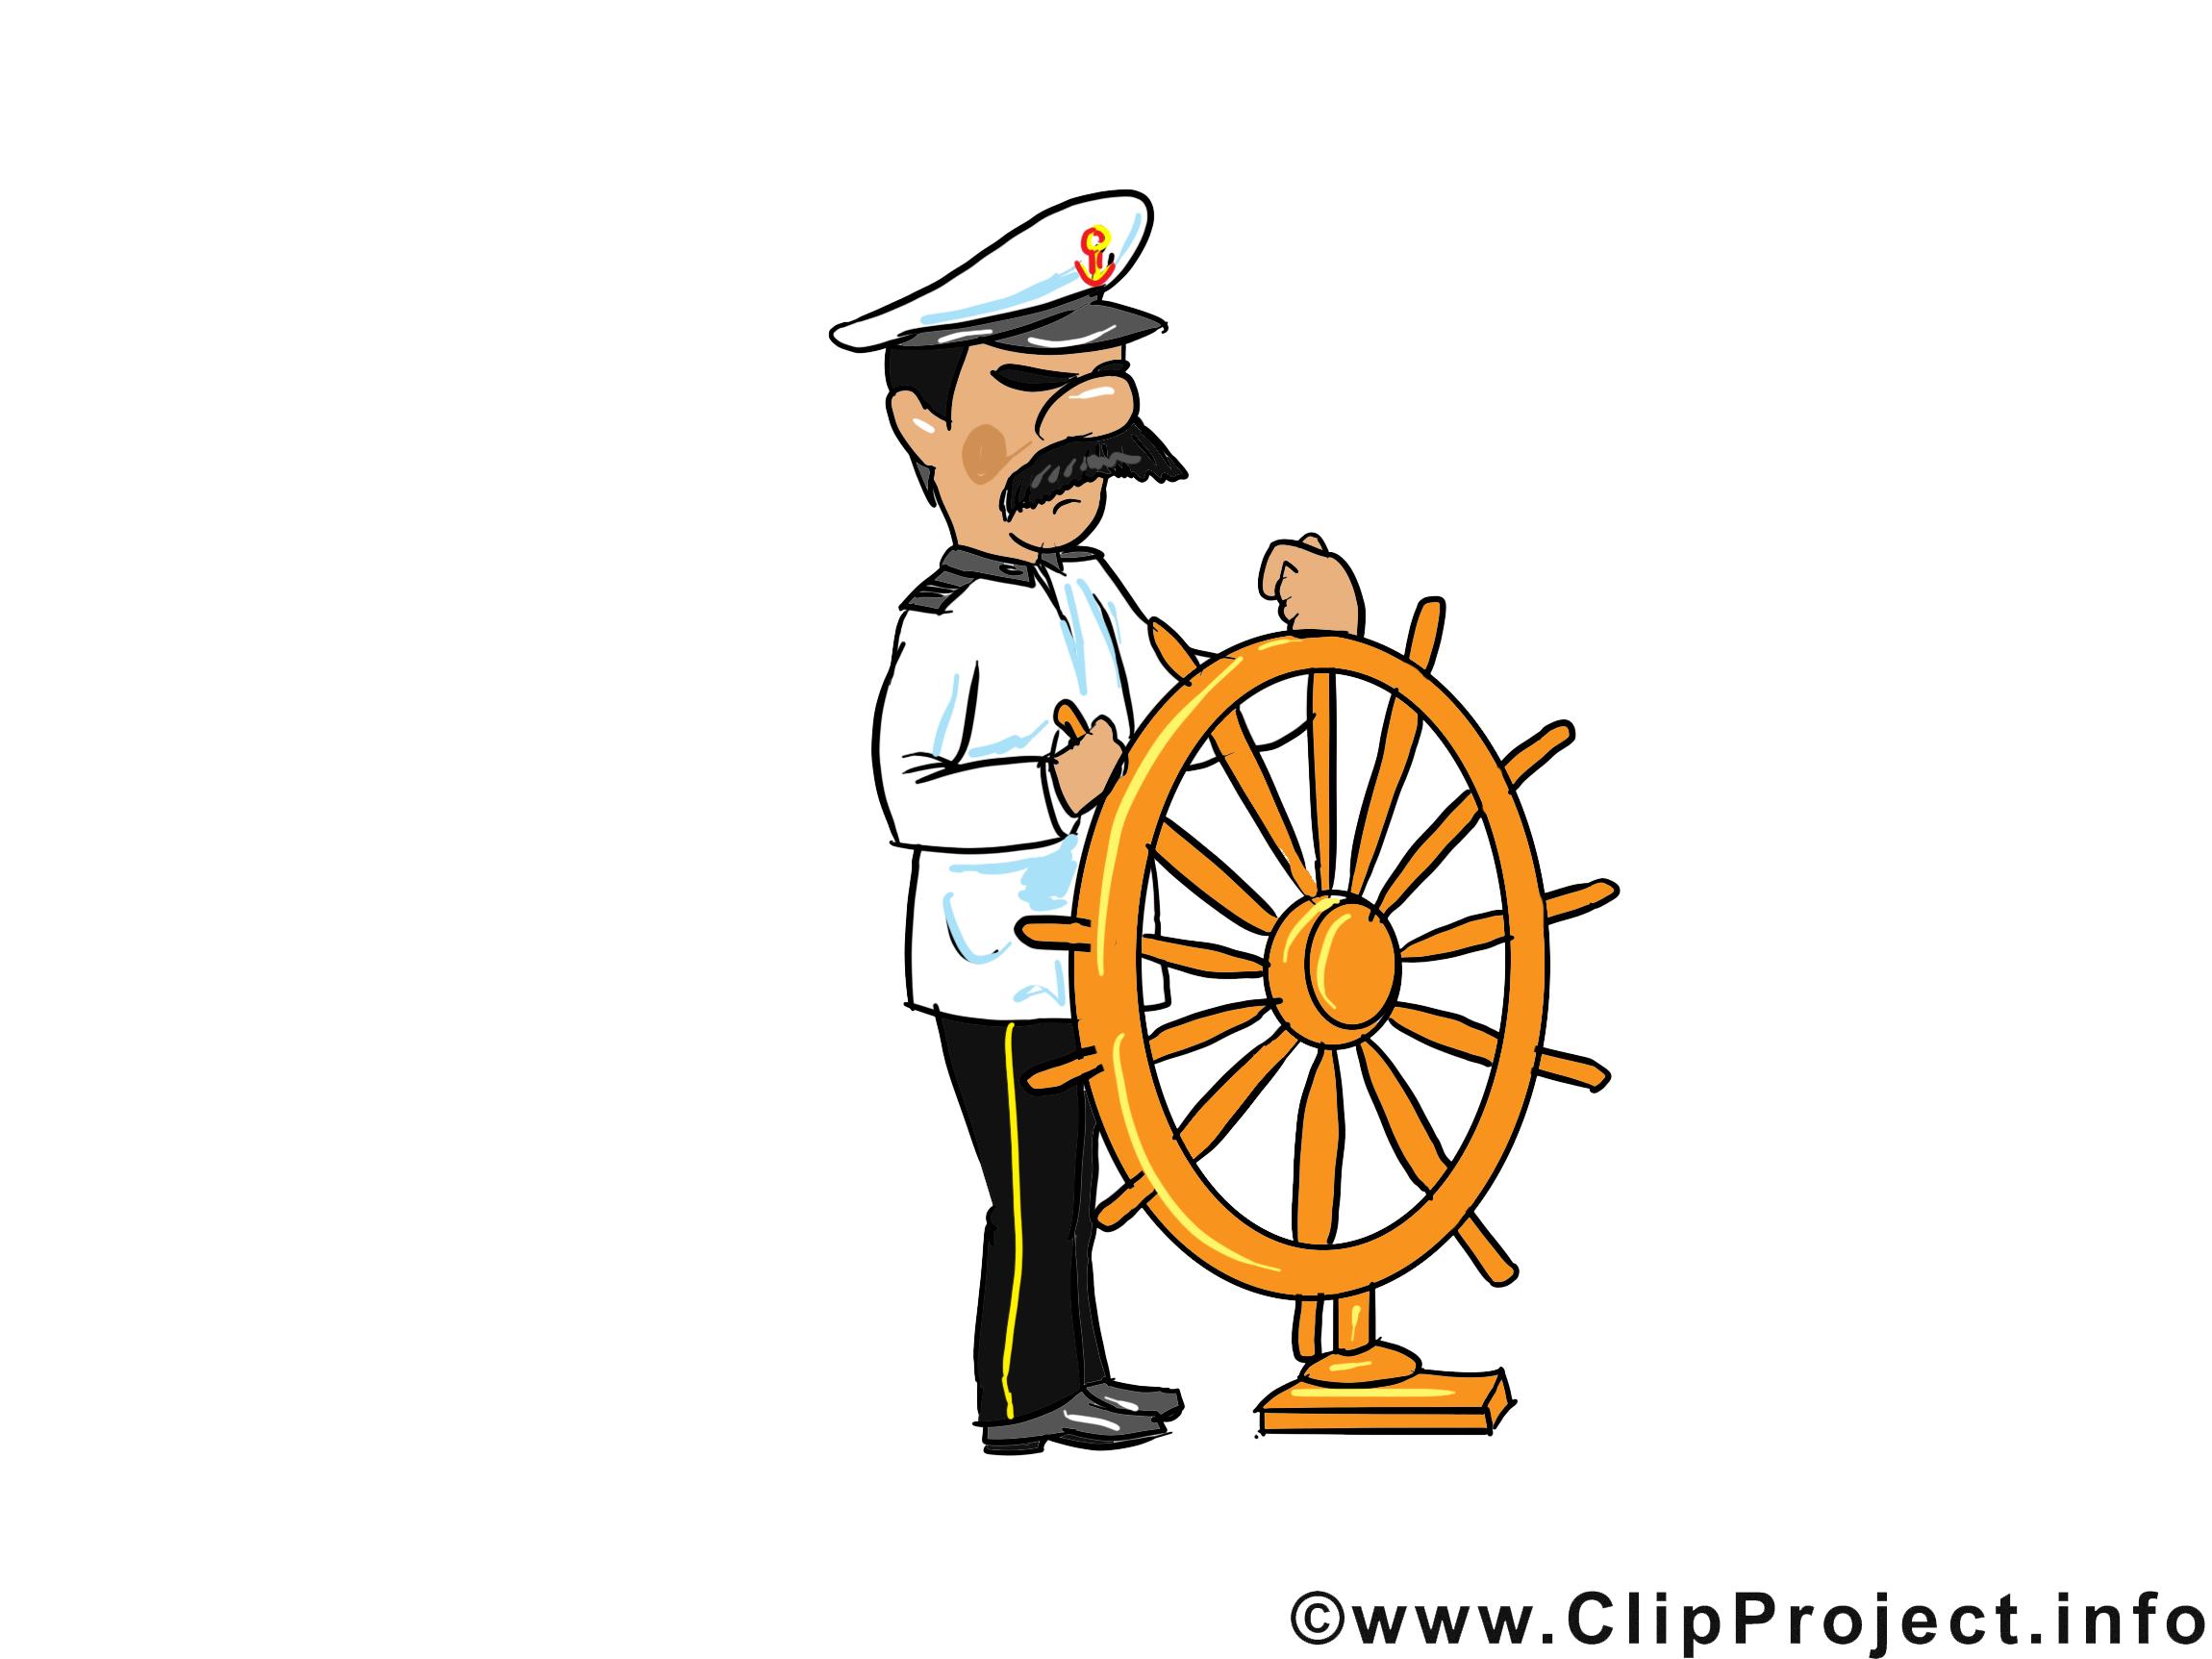 Капитан в картинках для детей, рабочий стол компьютера